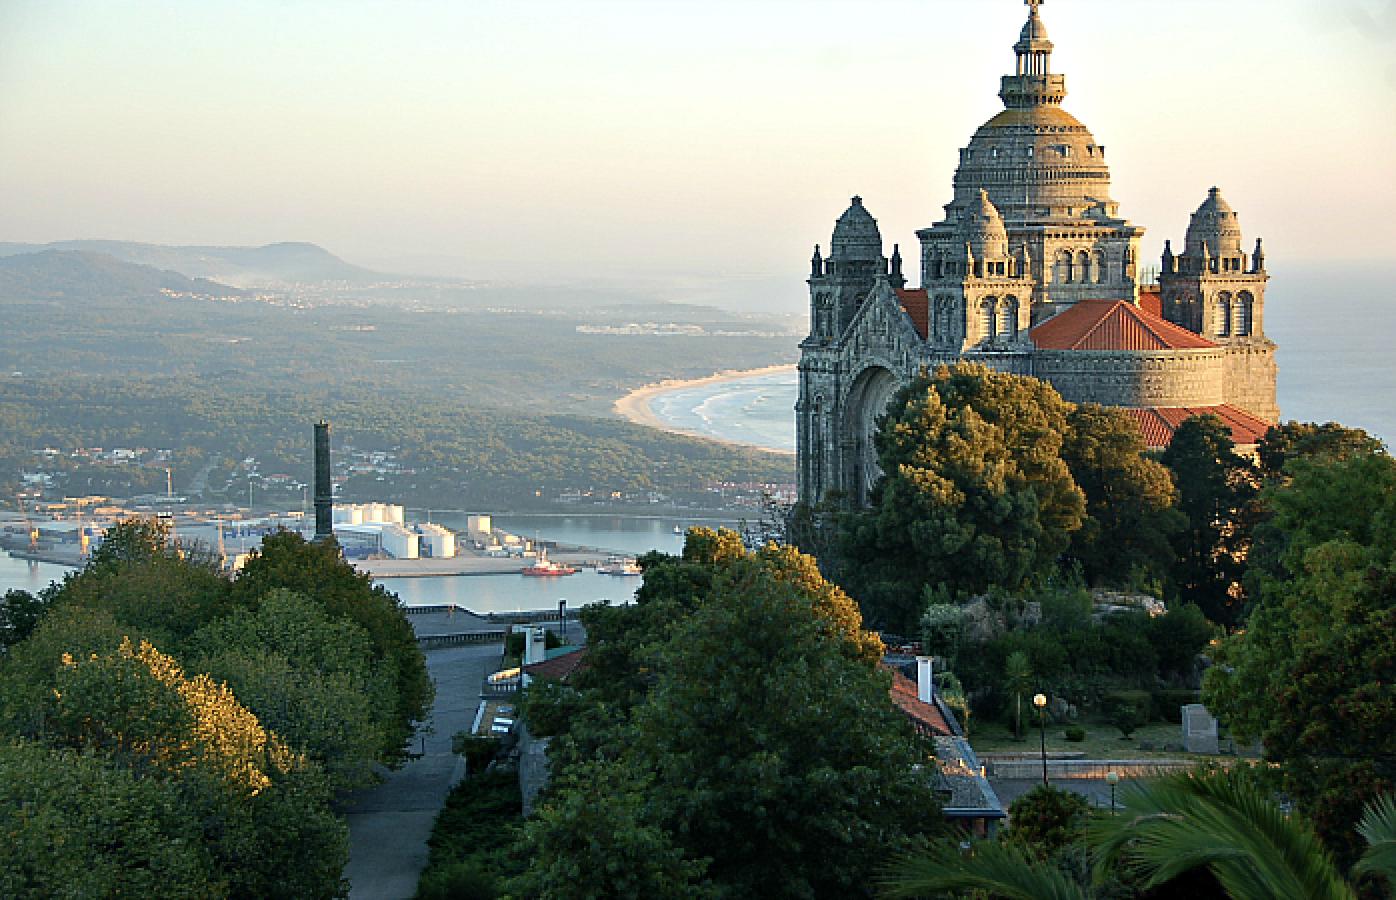 Uma das vistas possíveis desde este miradouro que possibilita uma vista 360º da cidade de Viana